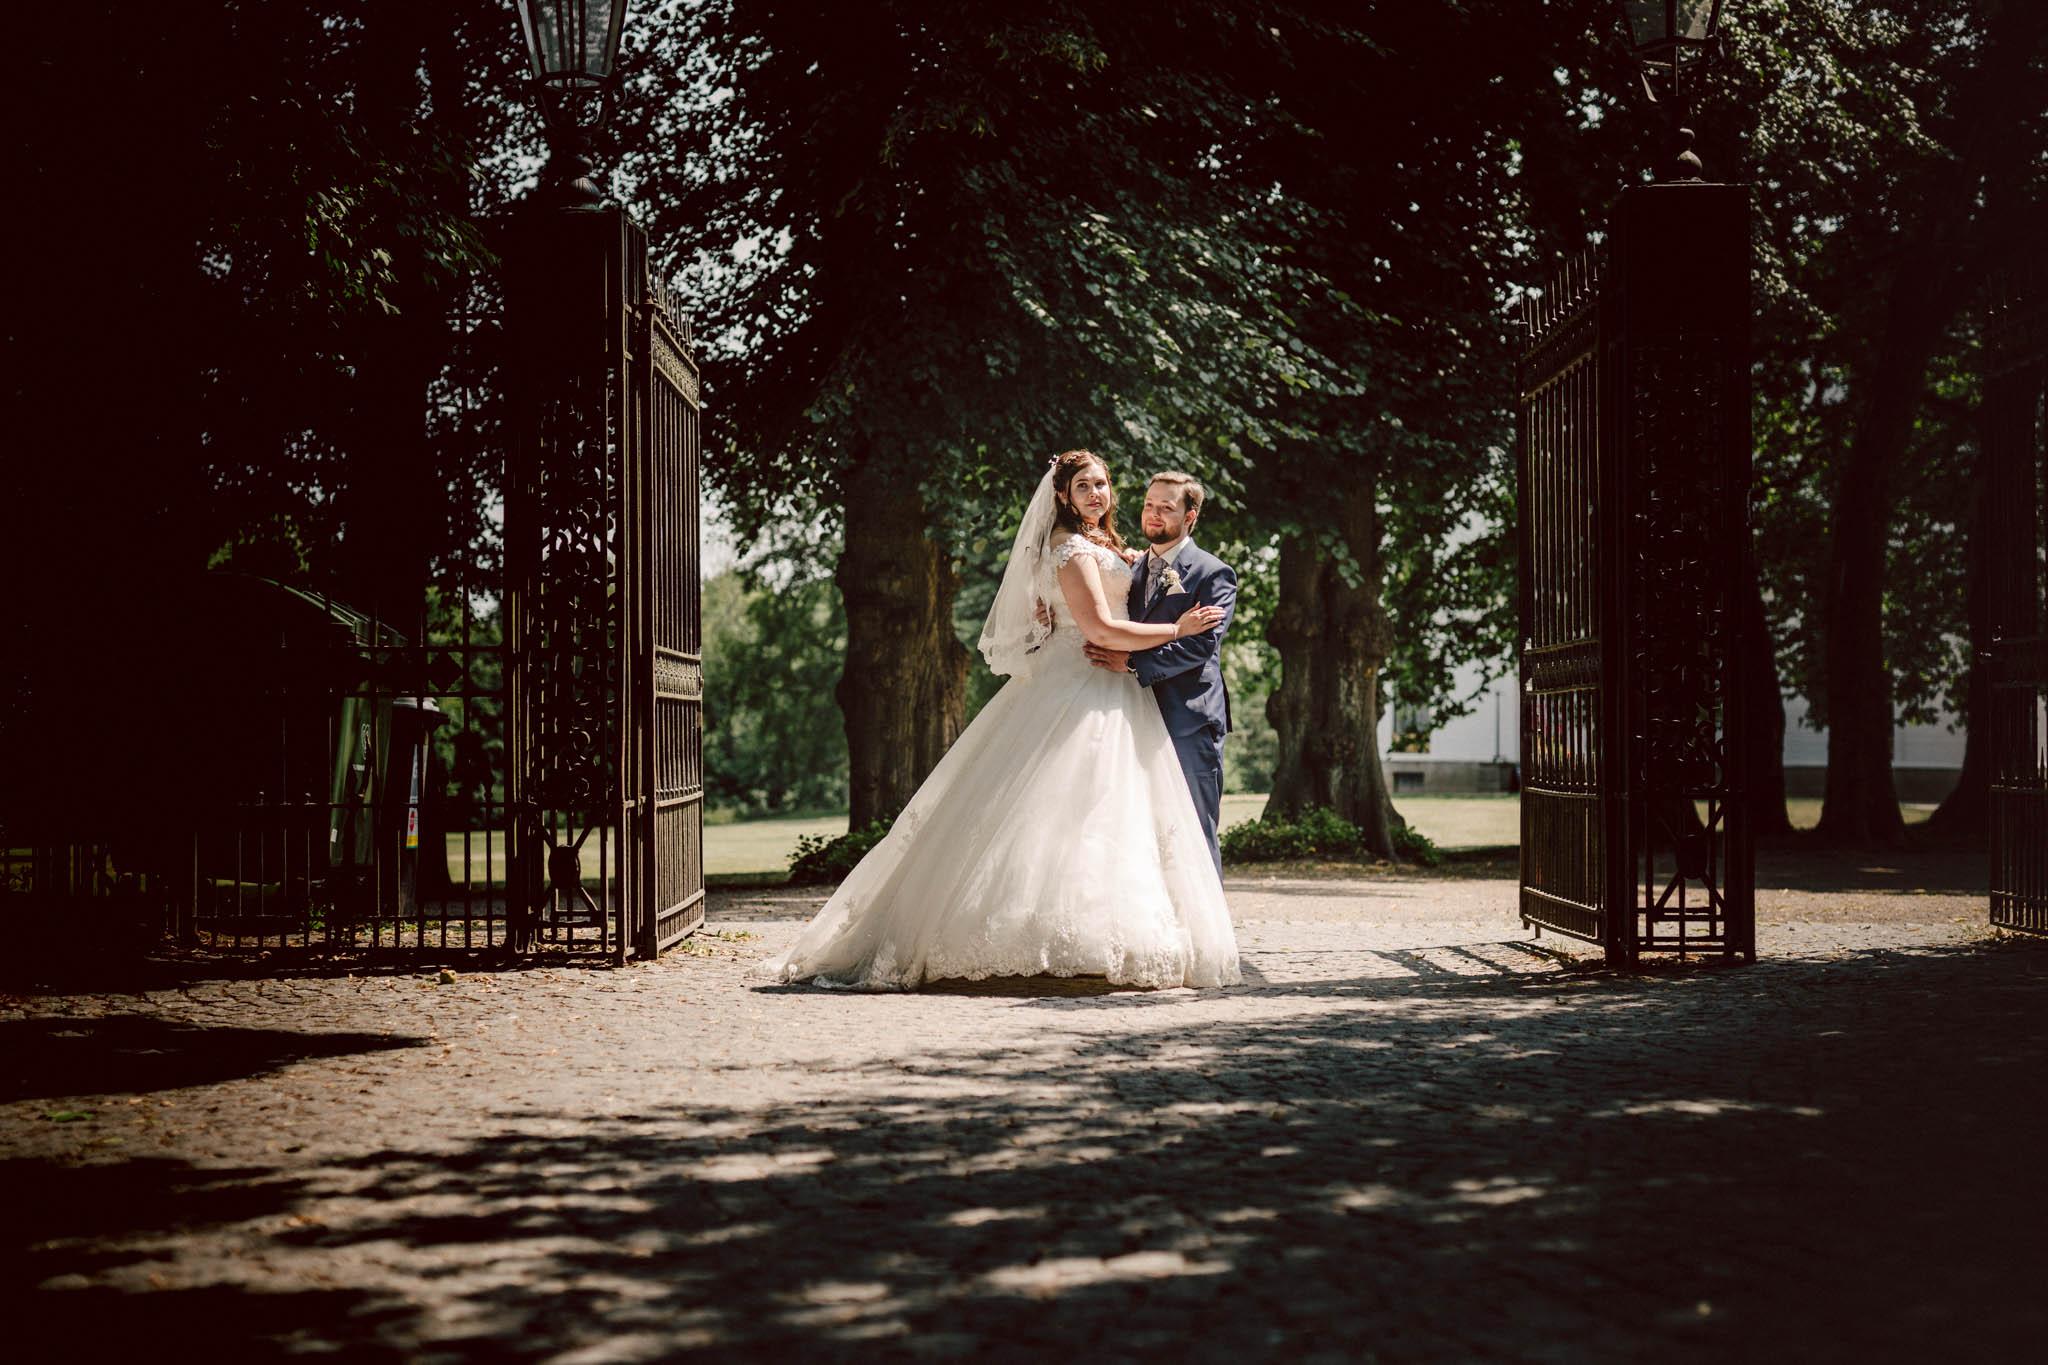 Hochzeitsfieber by Photo-Schomburg, Hochzeitsfotograf, Hamburg, Altona, wedding, Standesamt Altona, Appen, Hochzeitsshooting, Hochzeitstag, Brautpaar-85